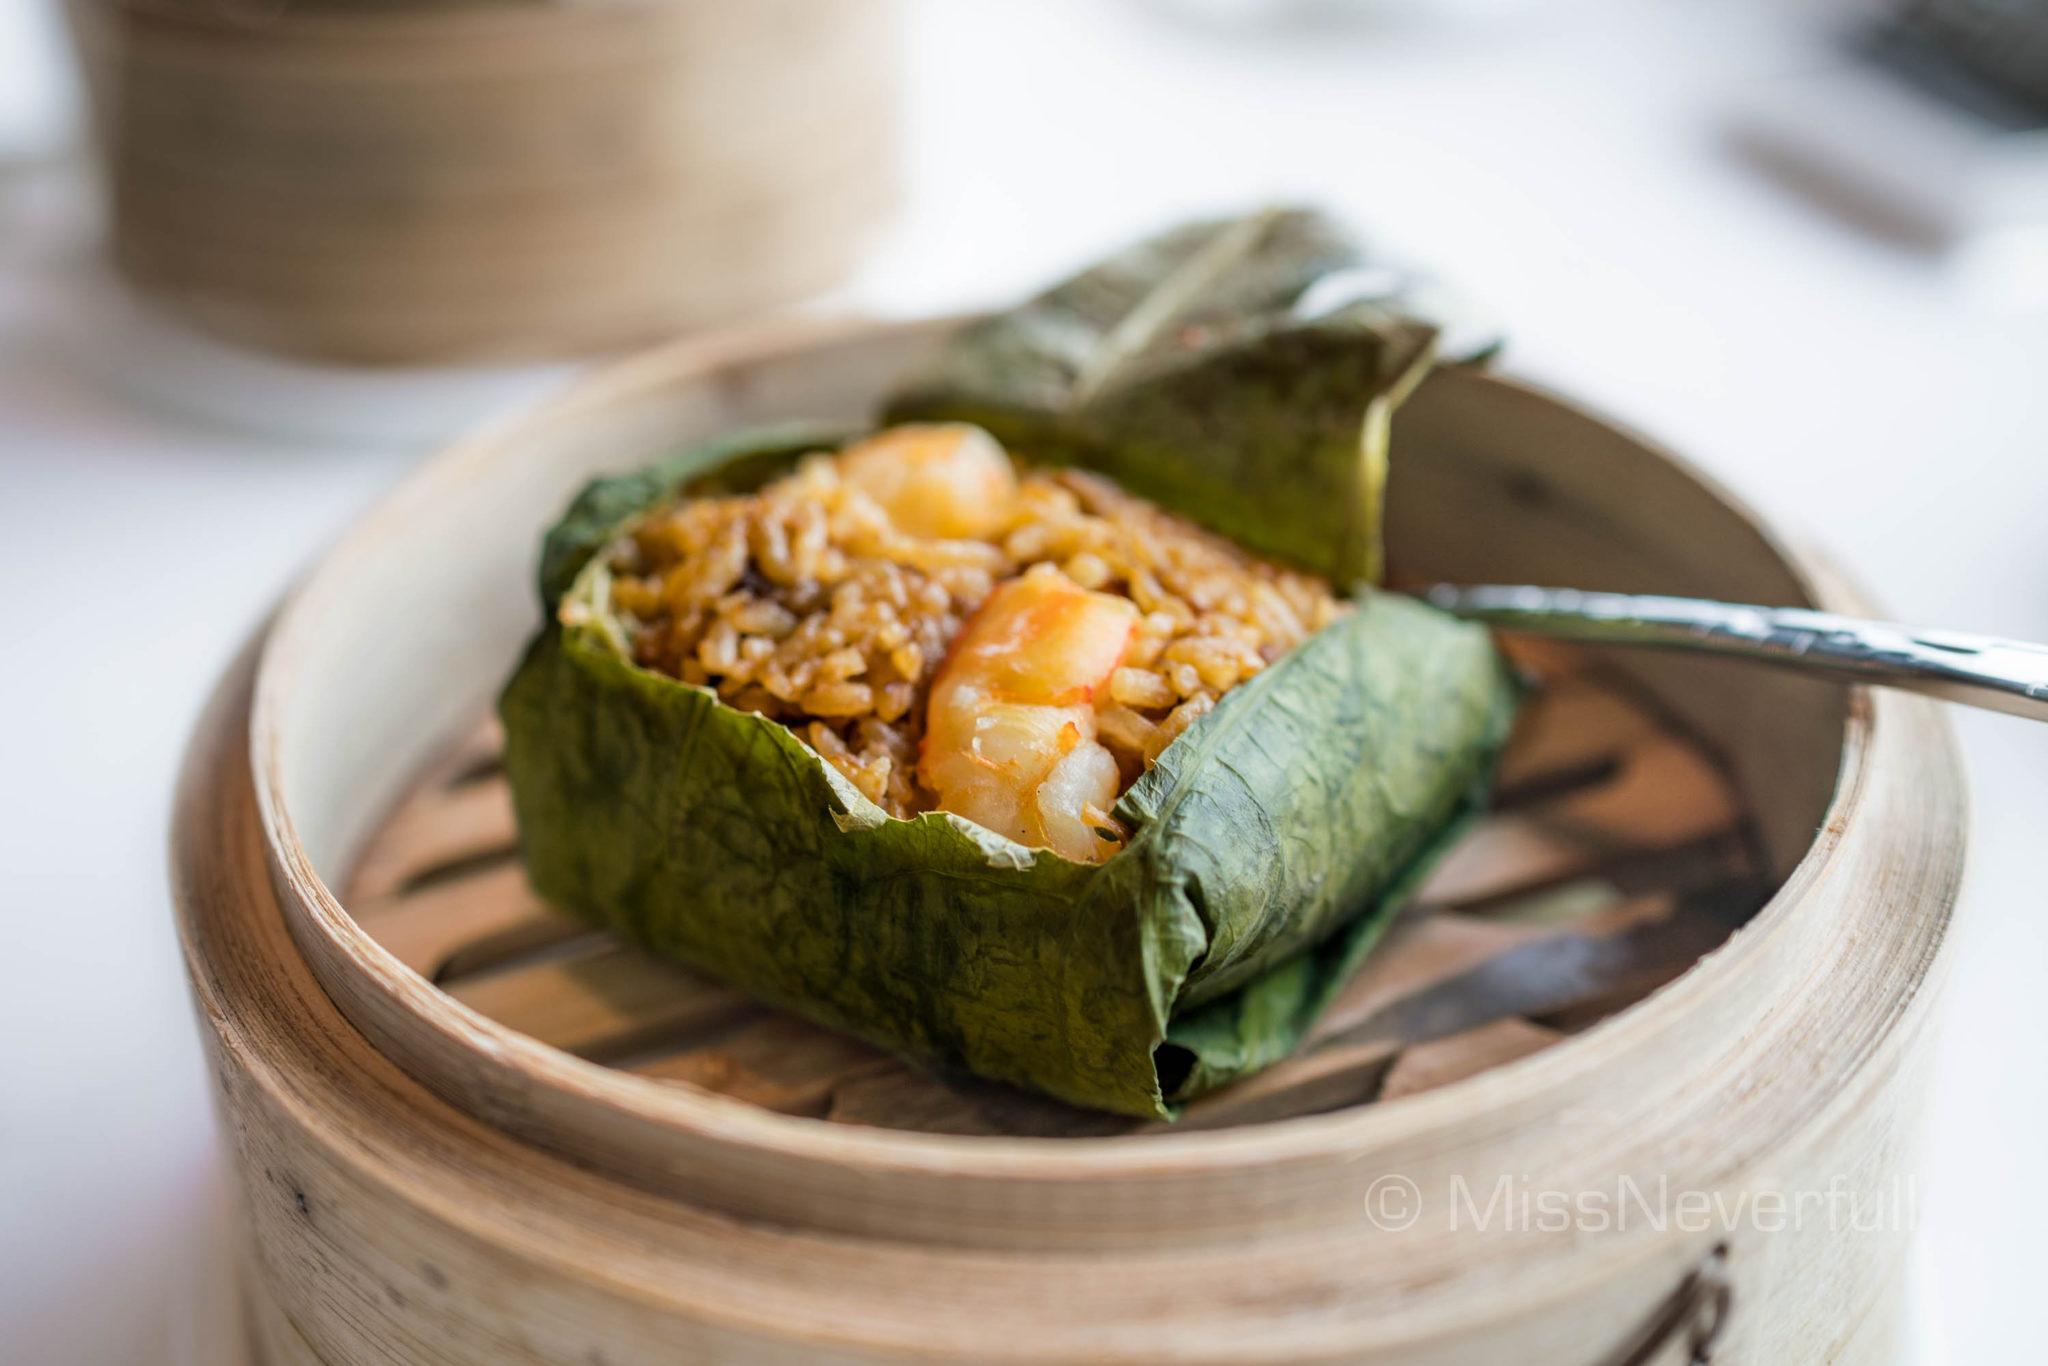 鮑粒荷葉飯 Fried rice with diced abalone, duck and shrimp wrapped in lotus leaf (HK$99)